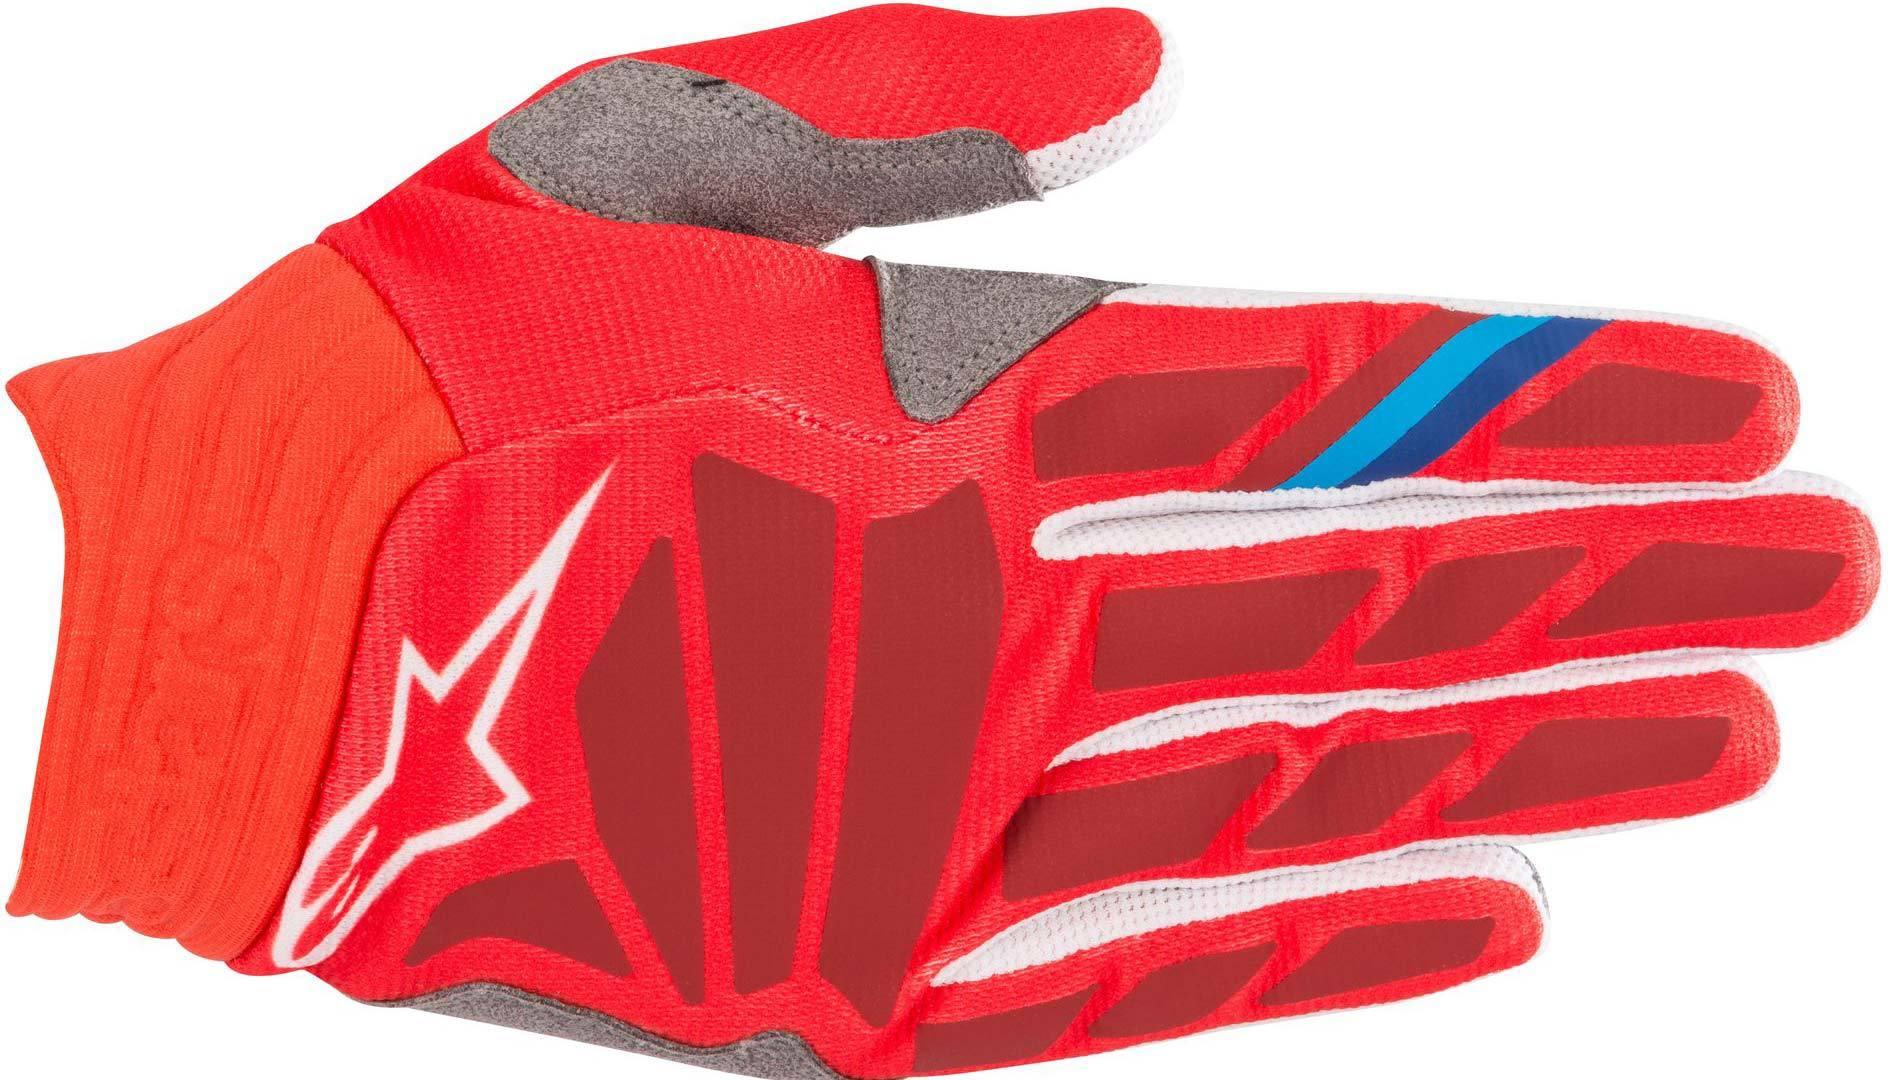 Alpinestars Aviator Motocross Gloves Red XL